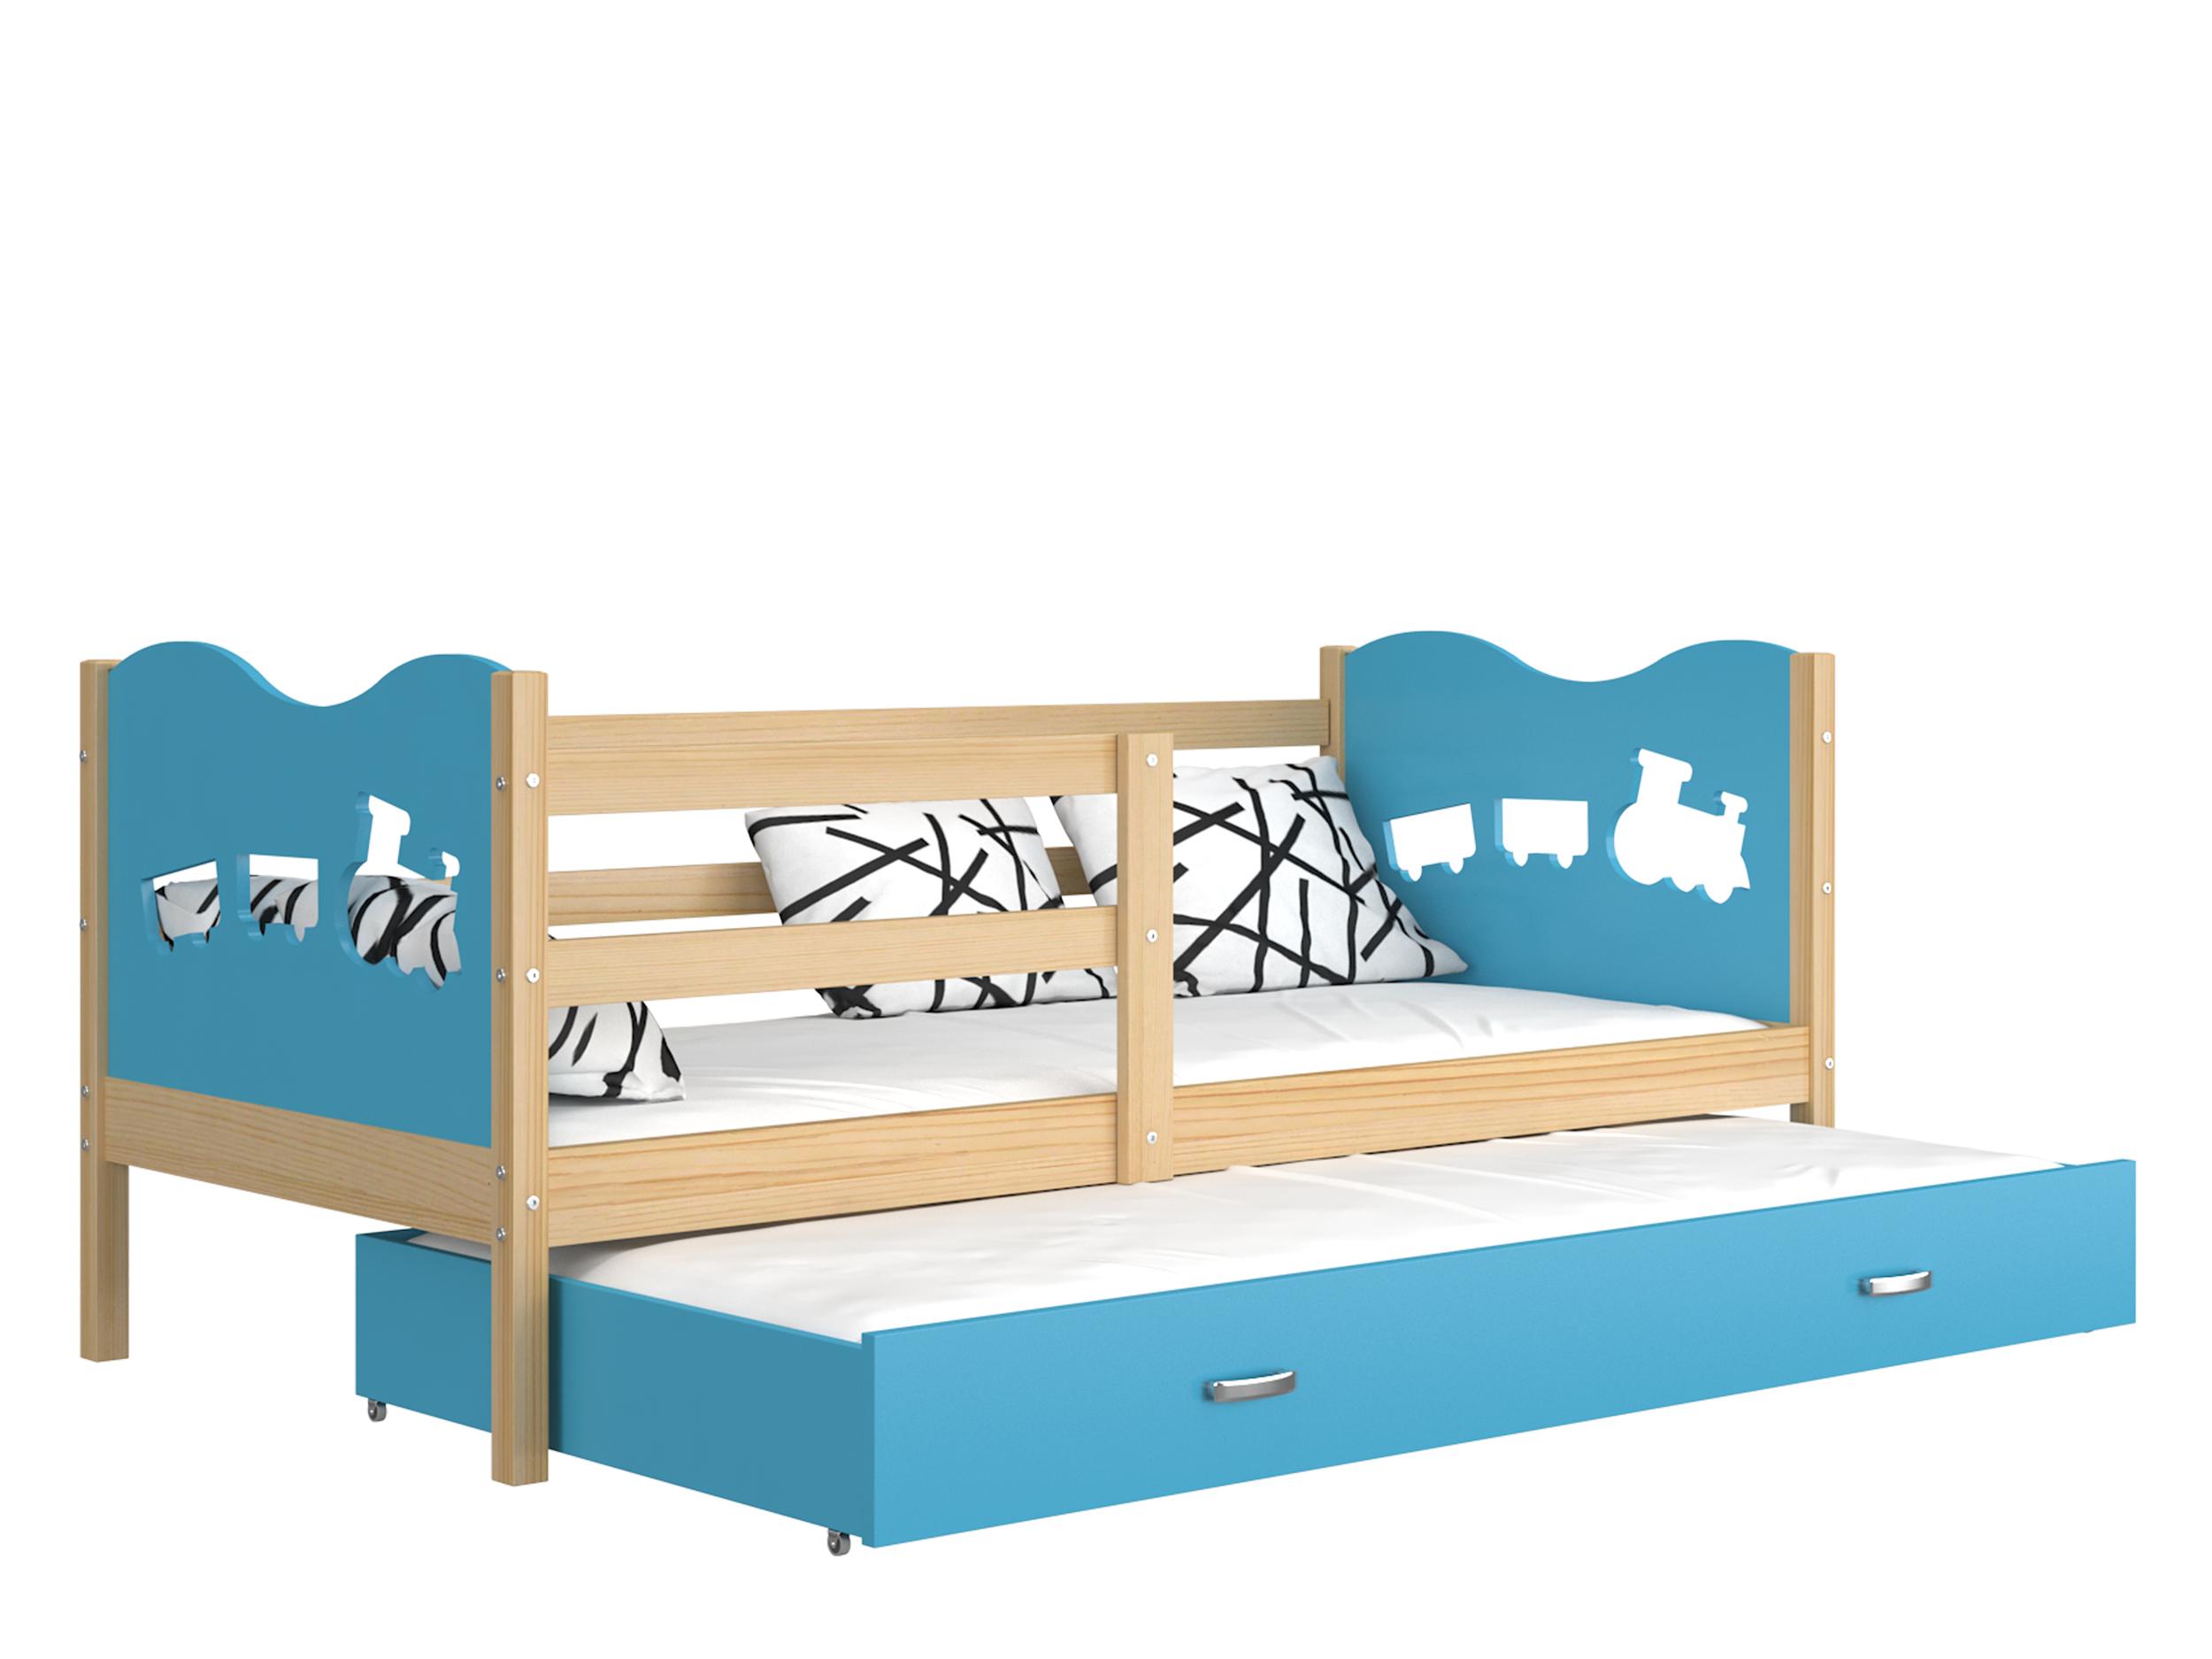 ArtAJ Detská posteľ Max P2 drevo / MDF 190 x 80 cm Max: borovica / modrá s matracom 190 x 80 cm